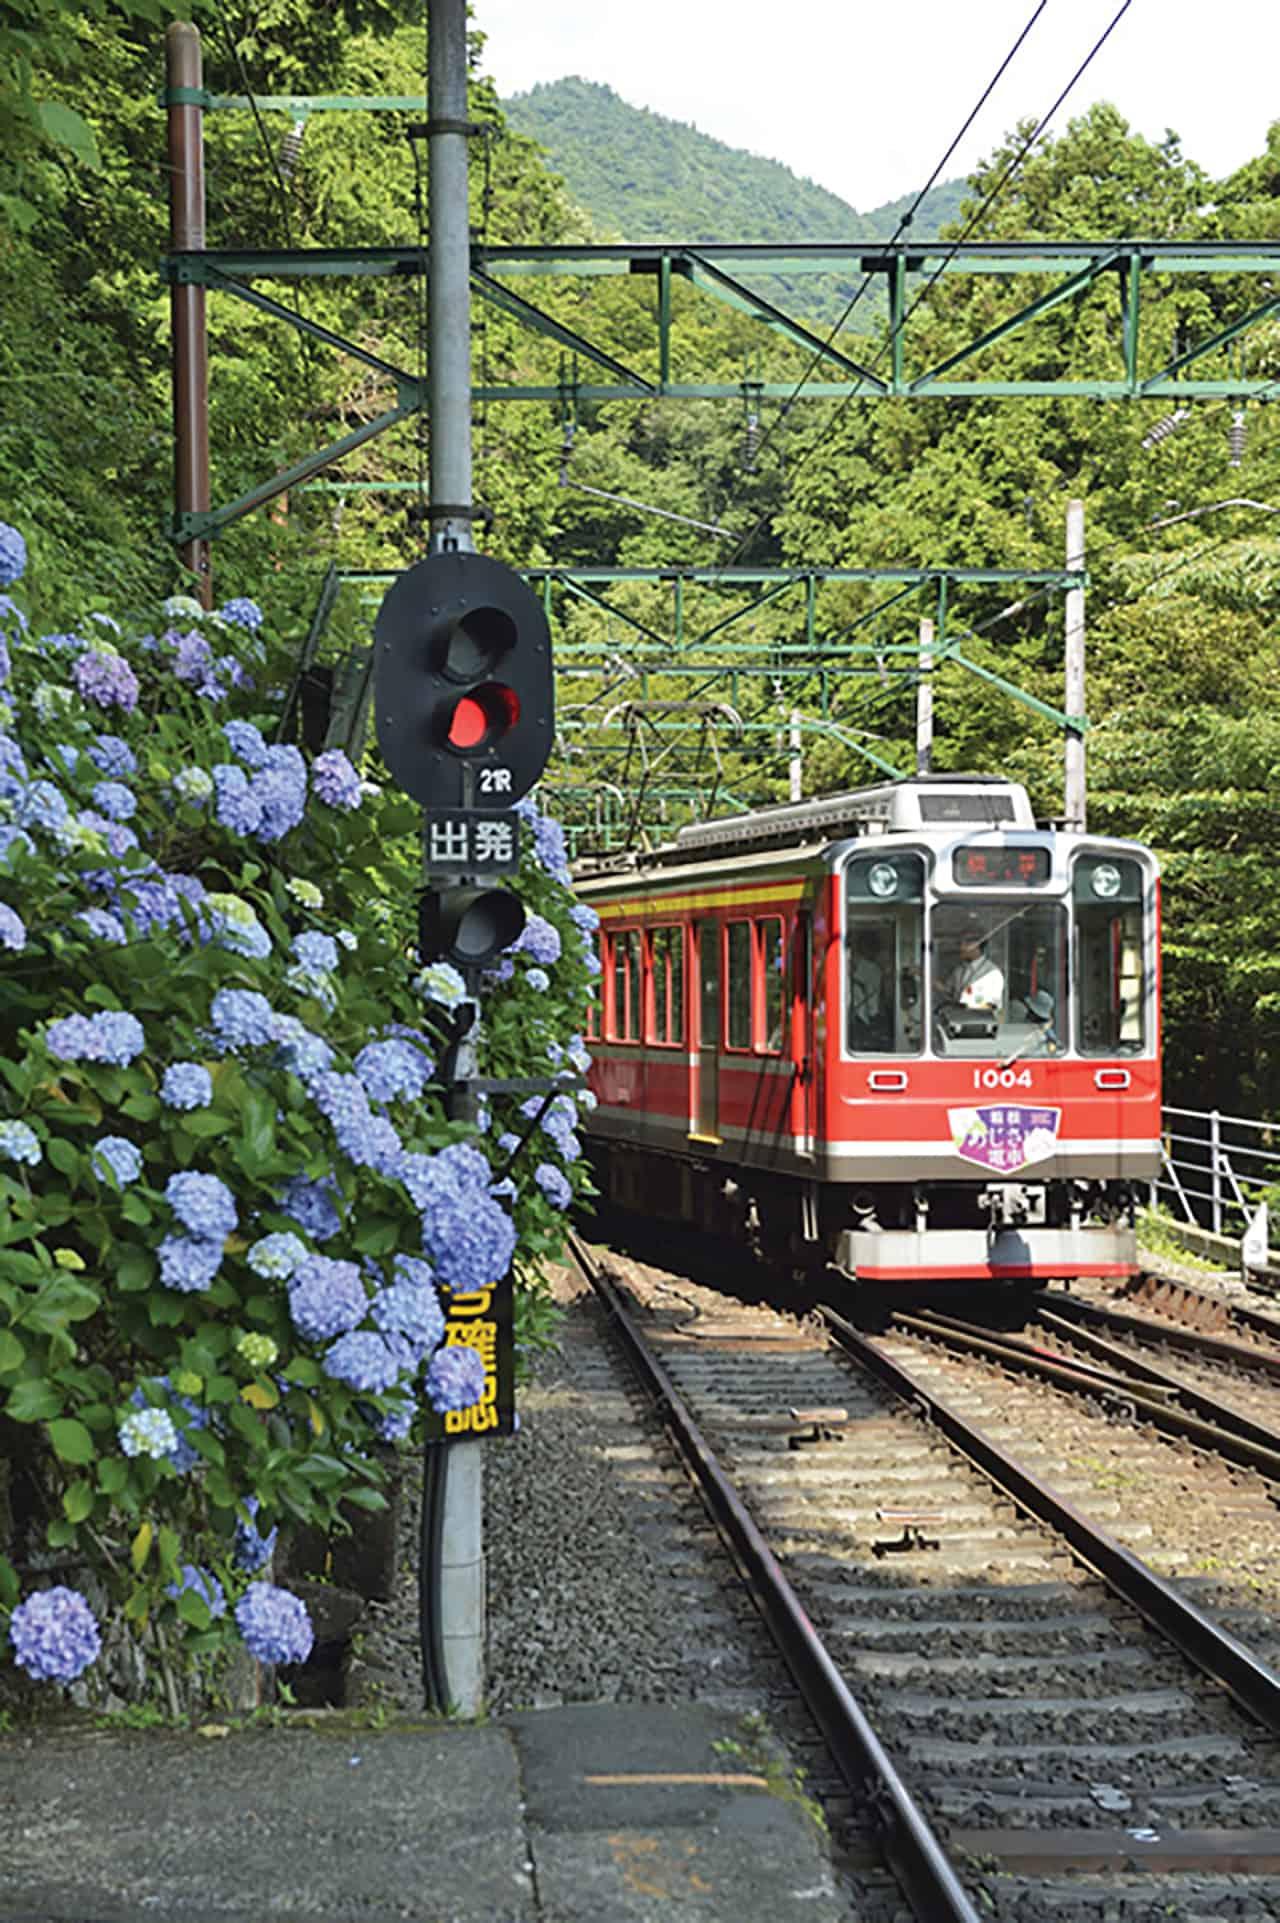 Hydrangea Train ที่เที่ยวฮาโกเน่ เฉพาะเดือนมิถุนายน-กรกฎาคม